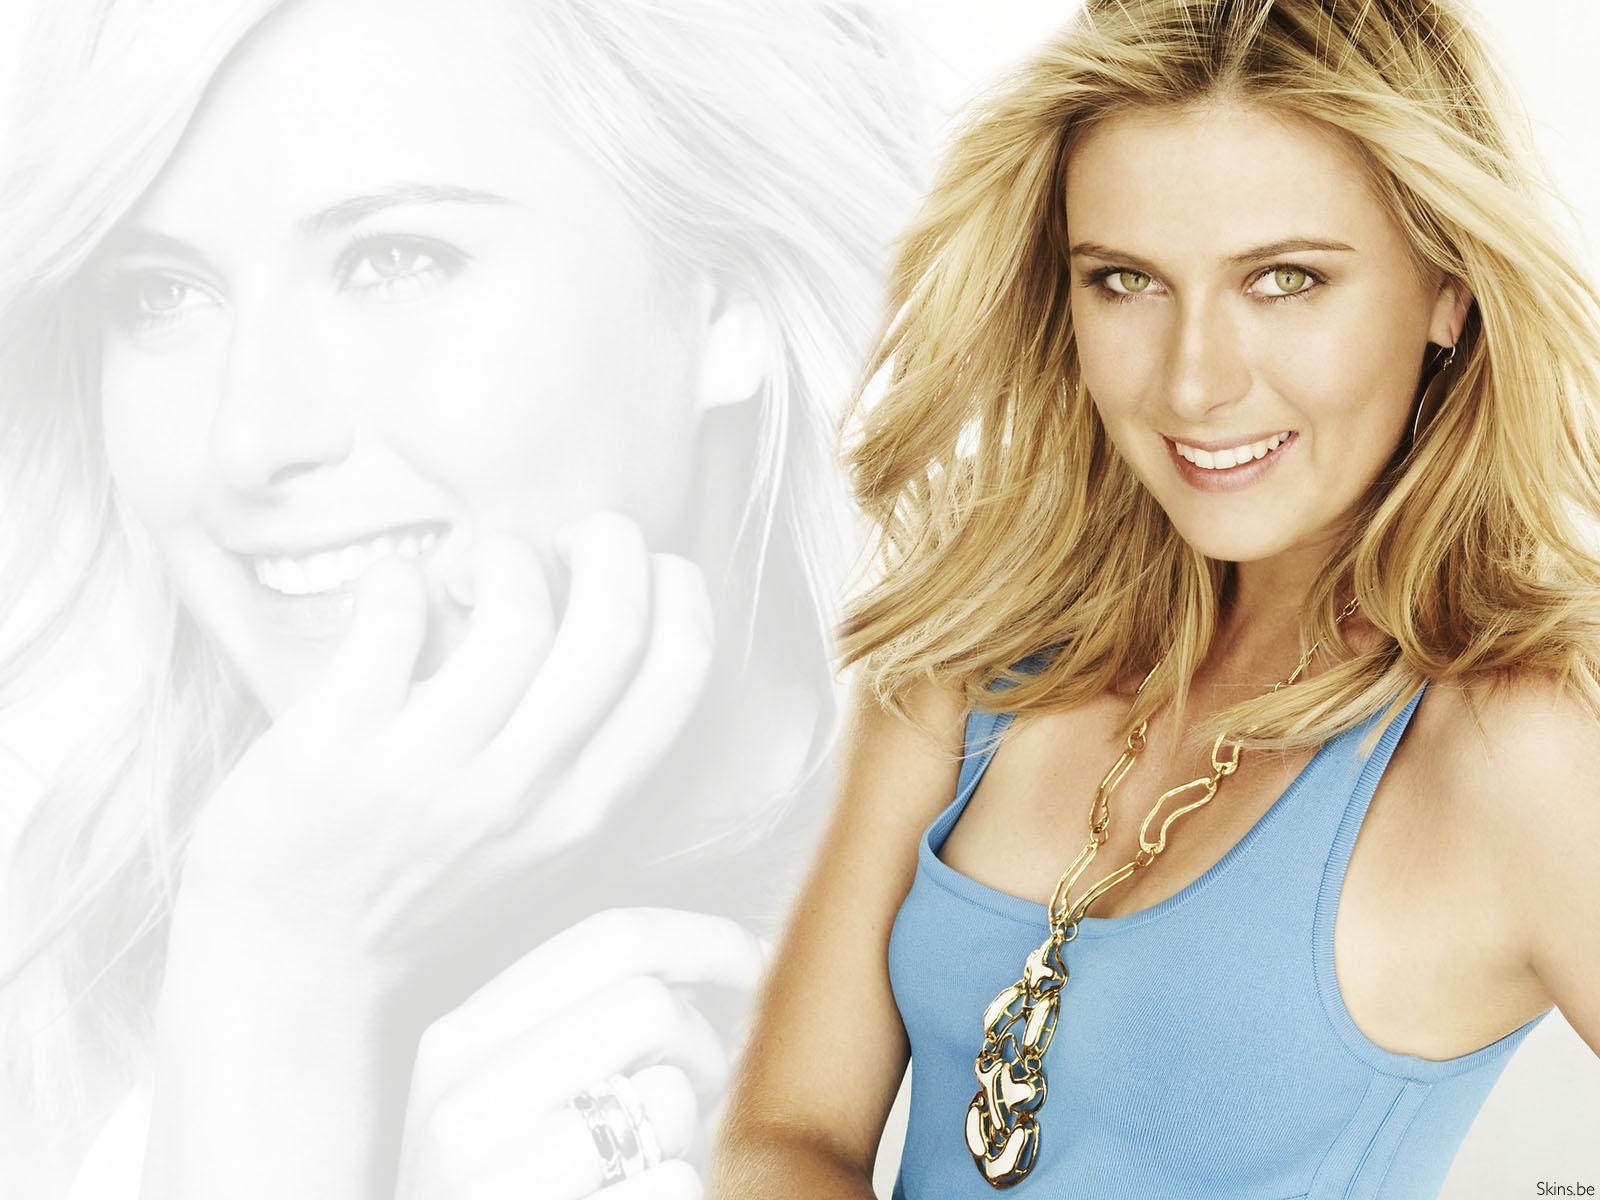 http://1.bp.blogspot.com/-oEqew3SKdgM/TZjGecrJvfI/AAAAAAAABNY/RQz8Qv6ydGU/s1600/Maria+Sharapova+%252848%2529.jpg